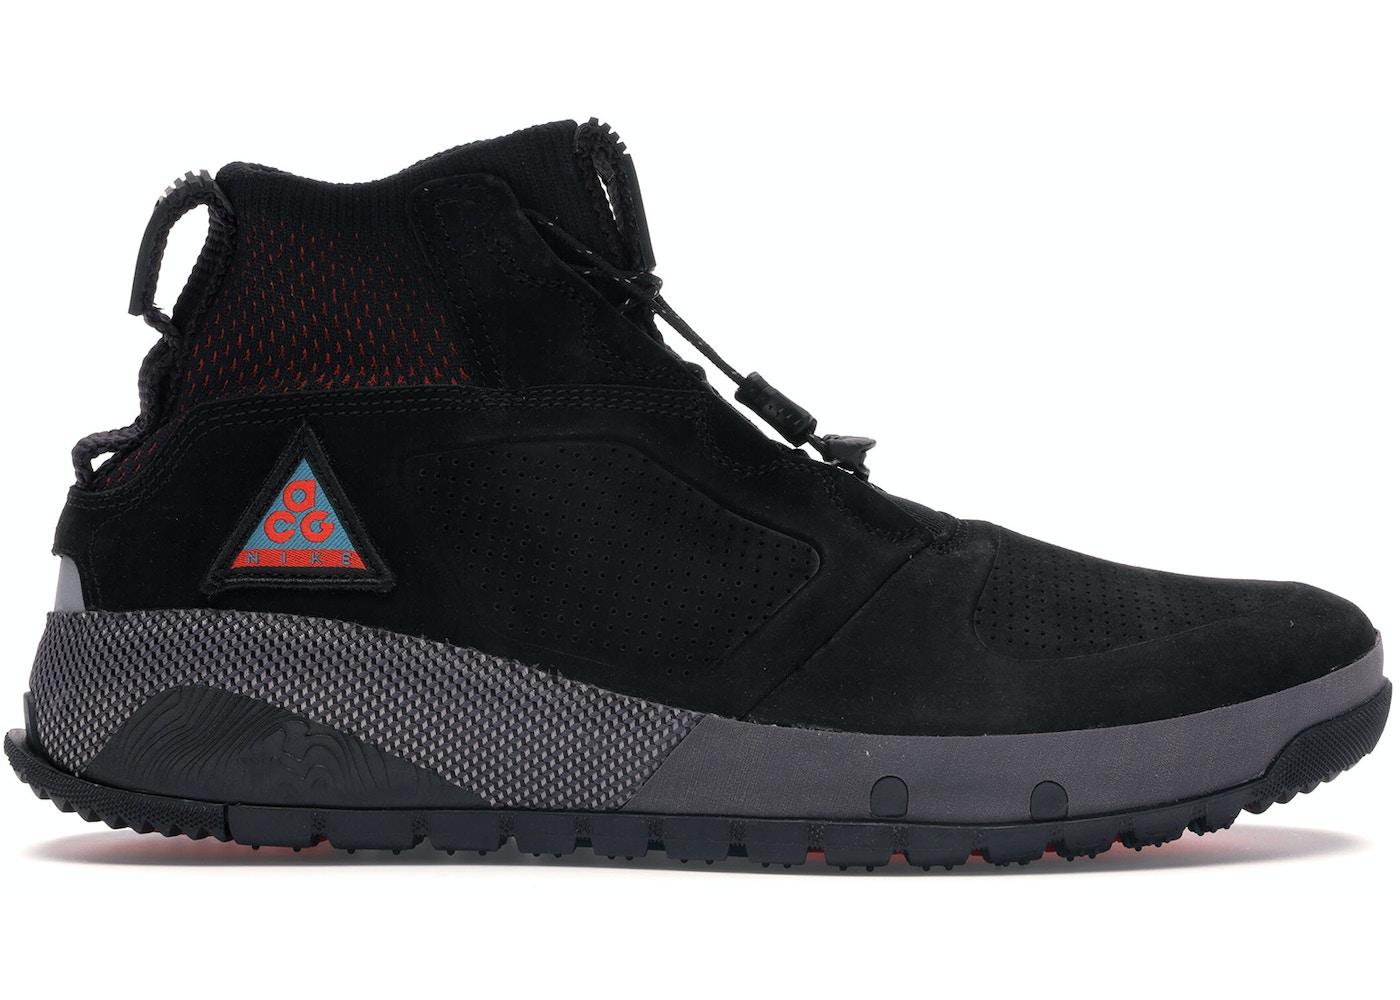 pas cher pour réduction fb242 07e5c Nike ACG Ruckel Ridge Black Habanero Red